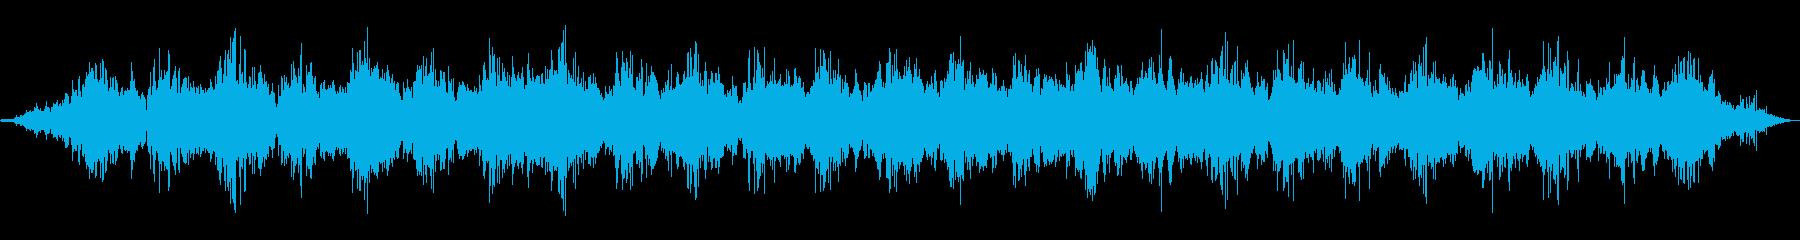 テレポーテーションや転送時のイメージの再生済みの波形